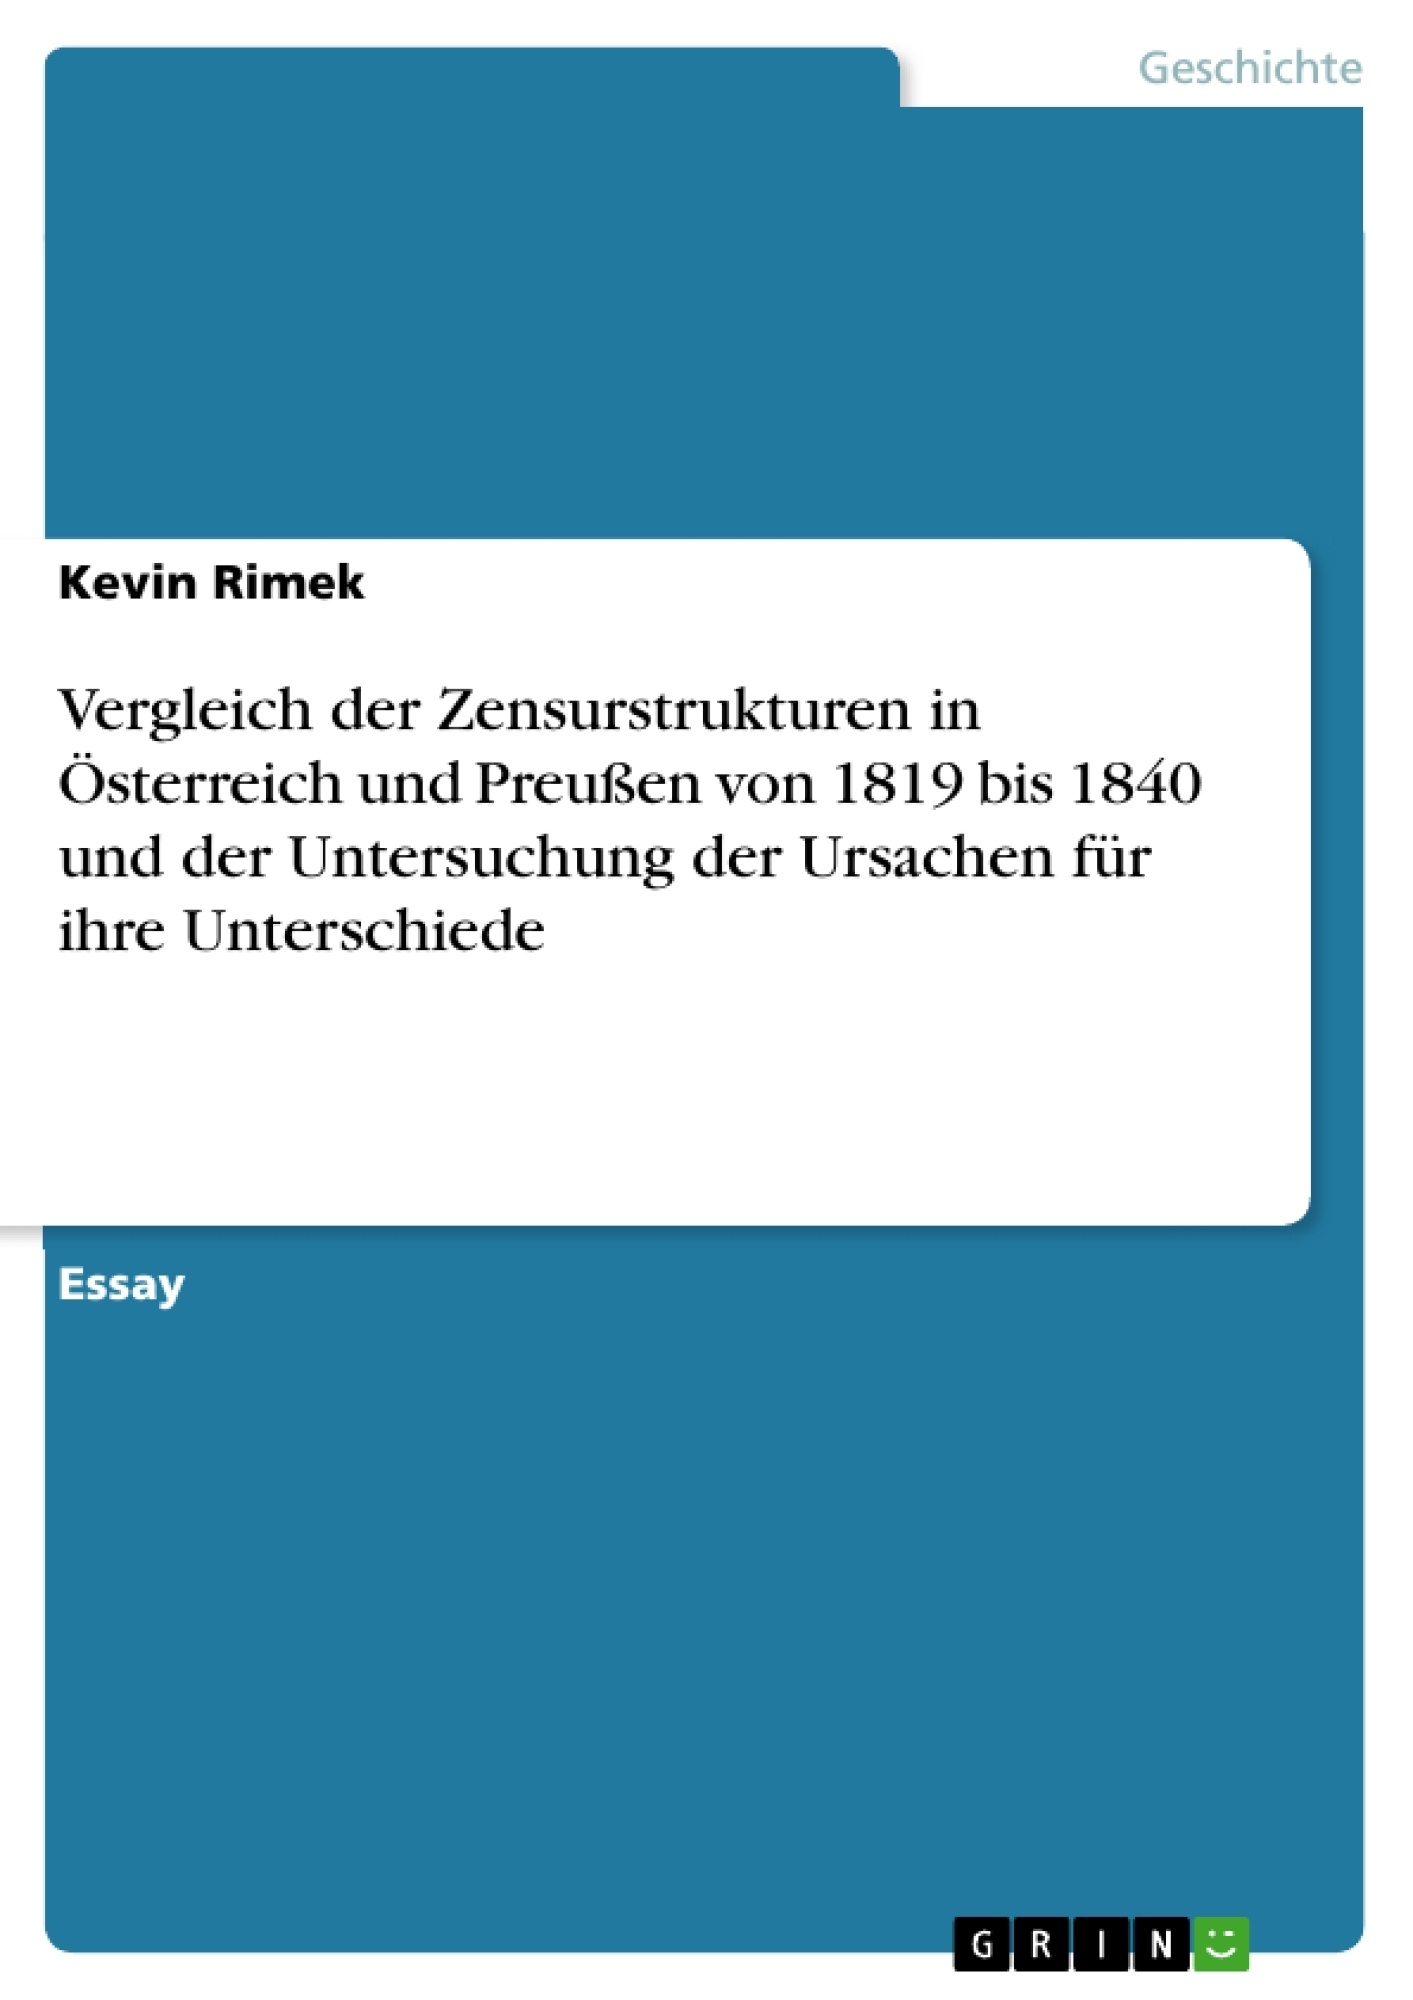 Titel: Vergleich der Zensurstrukturen in Österreich und Preußen von 1819 bis 1840 und der Untersuchung der Ursachen für ihre Unterschiede